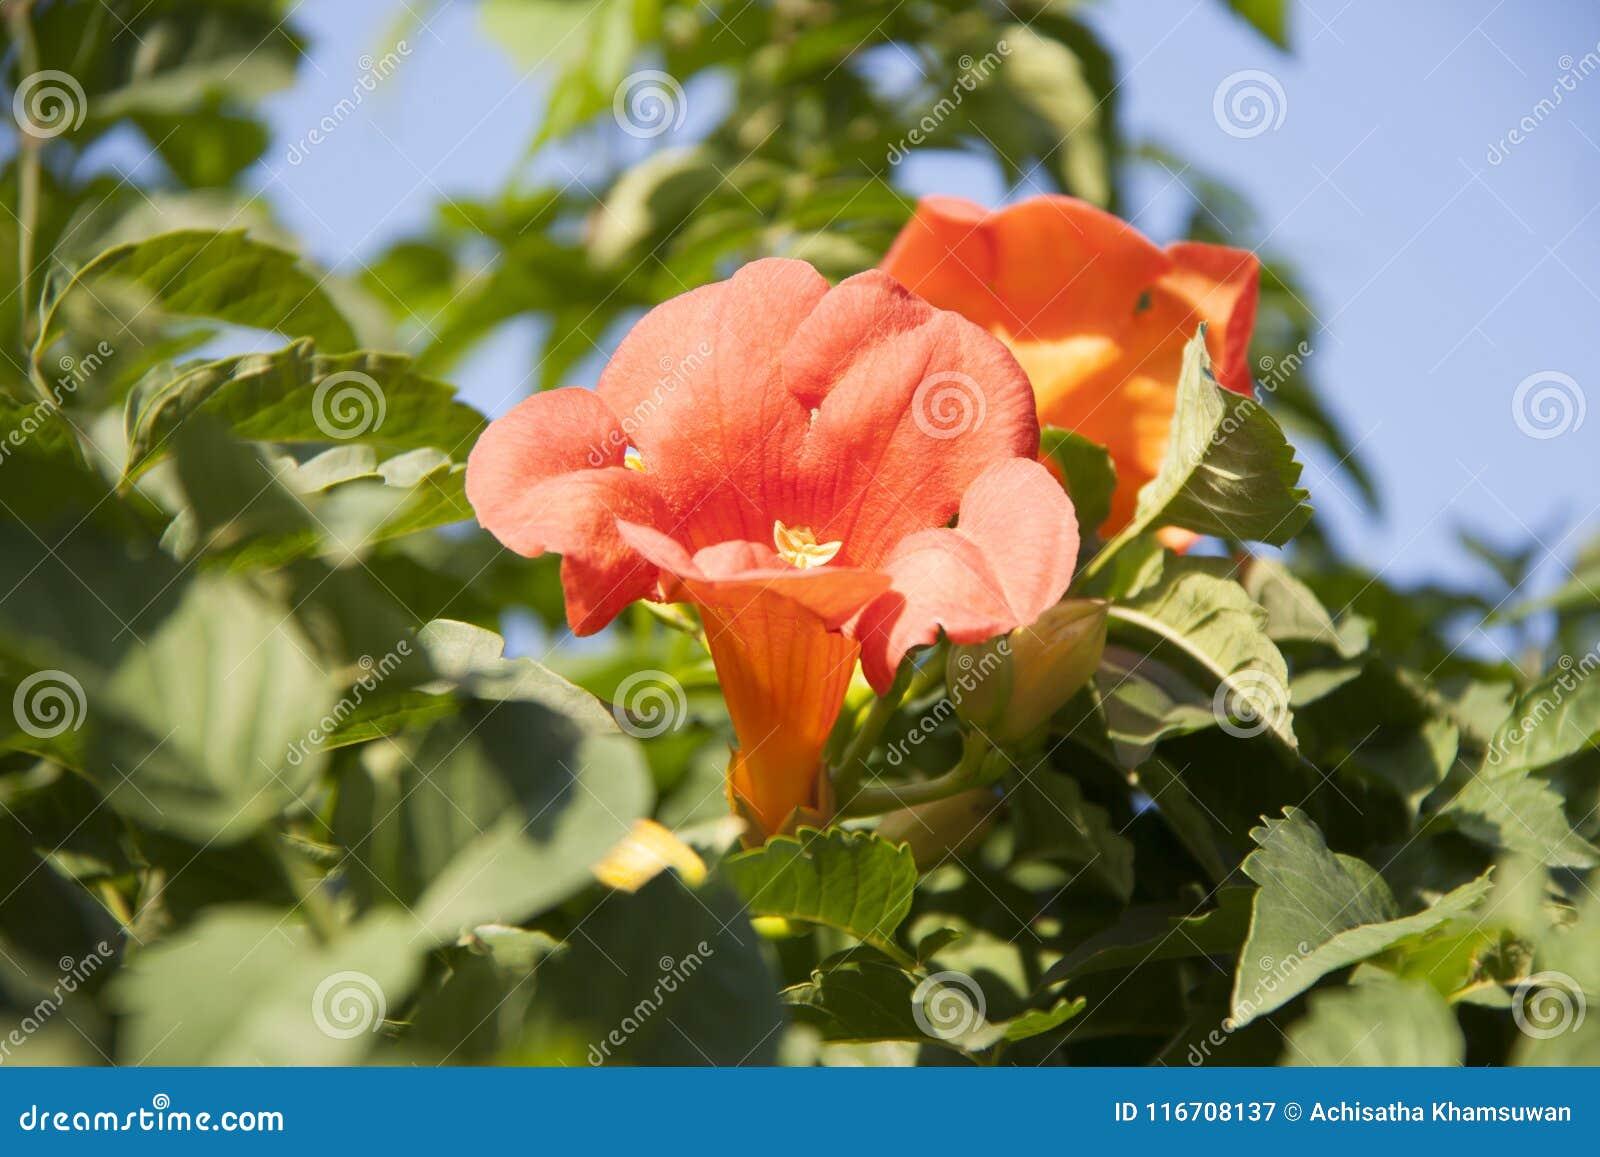 La enredadera de trompeta es una especie de planta floreciente del Bignoniaceae de la familia